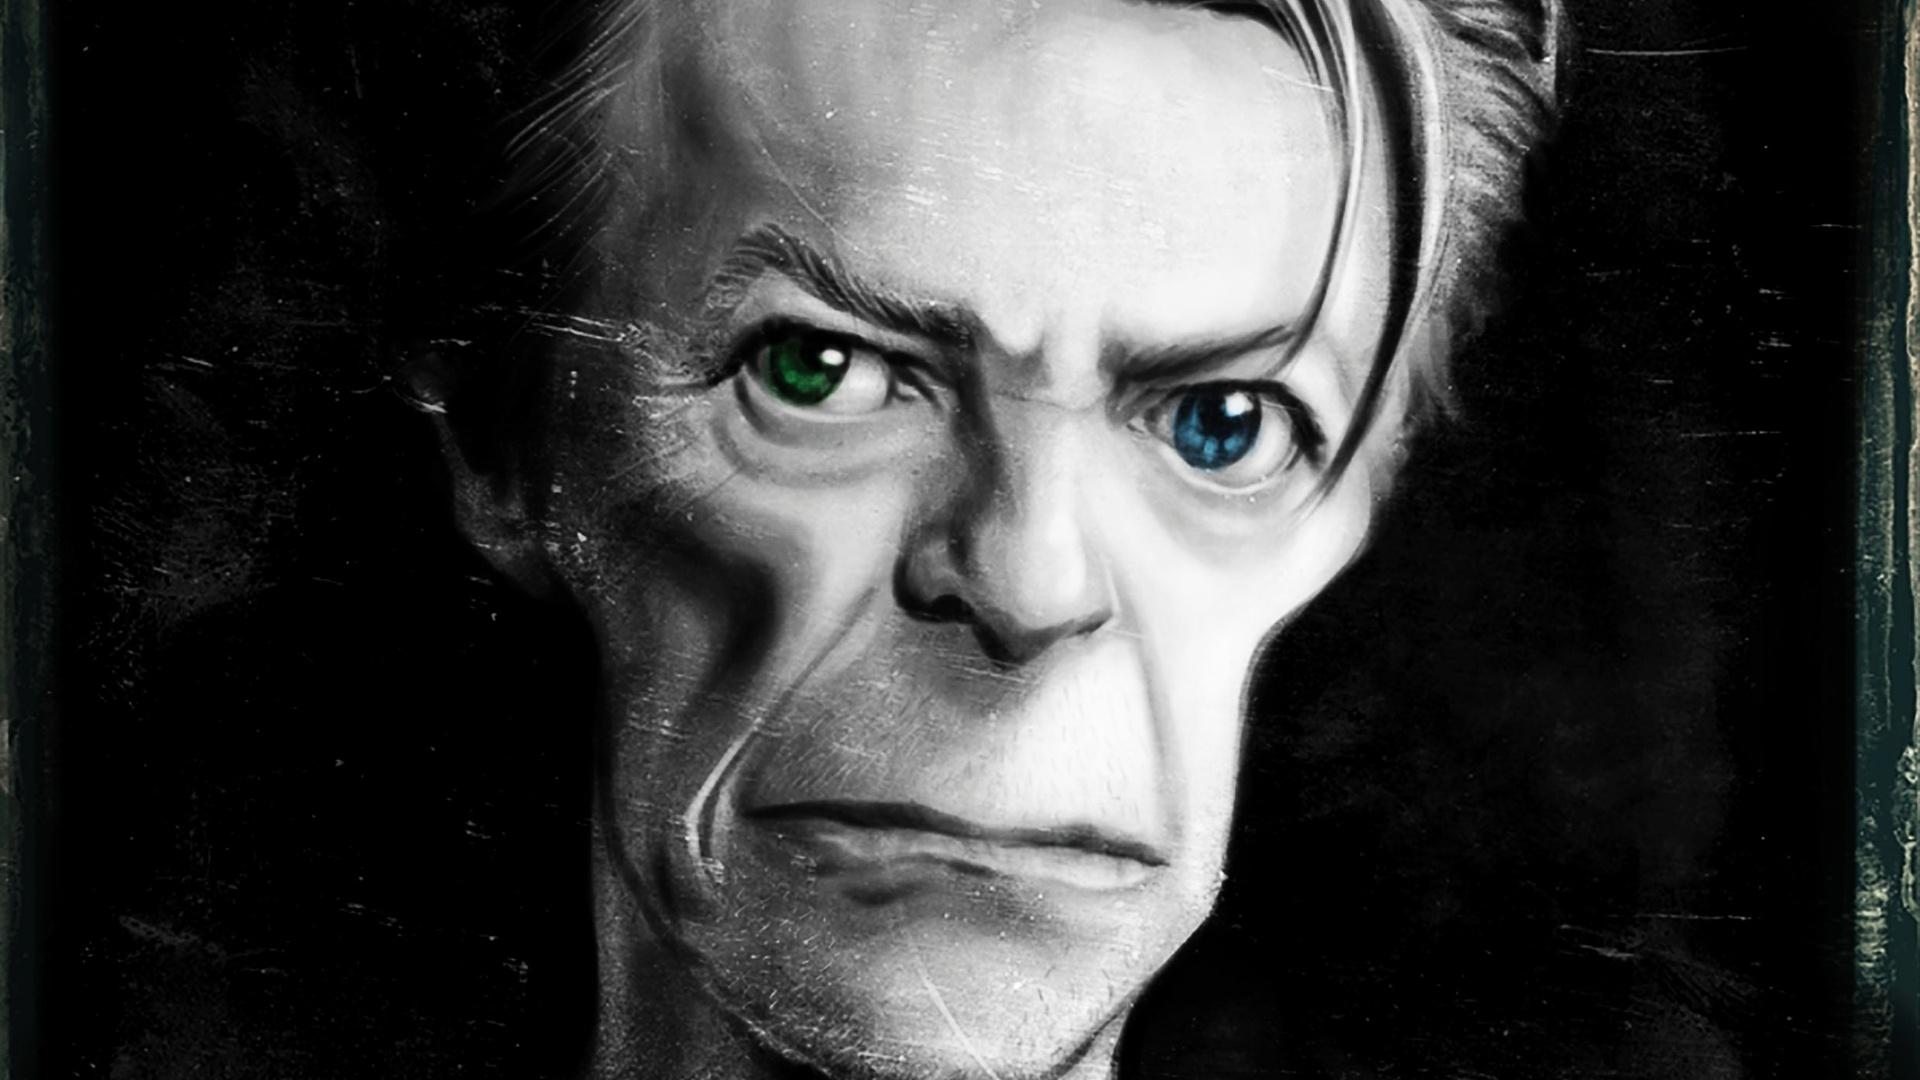 Ale Santos prestou homenagem ao cantor David Bowie com uma imagem marcante do artista